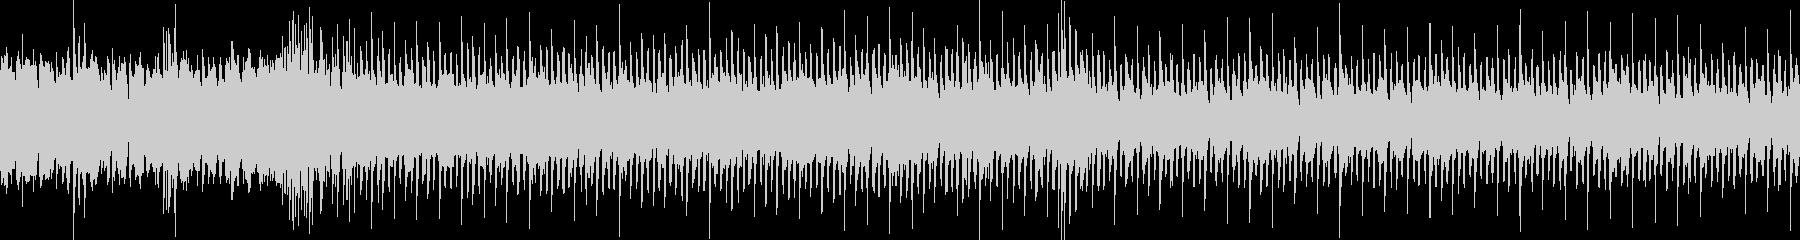 短めのRock戦闘曲の未再生の波形